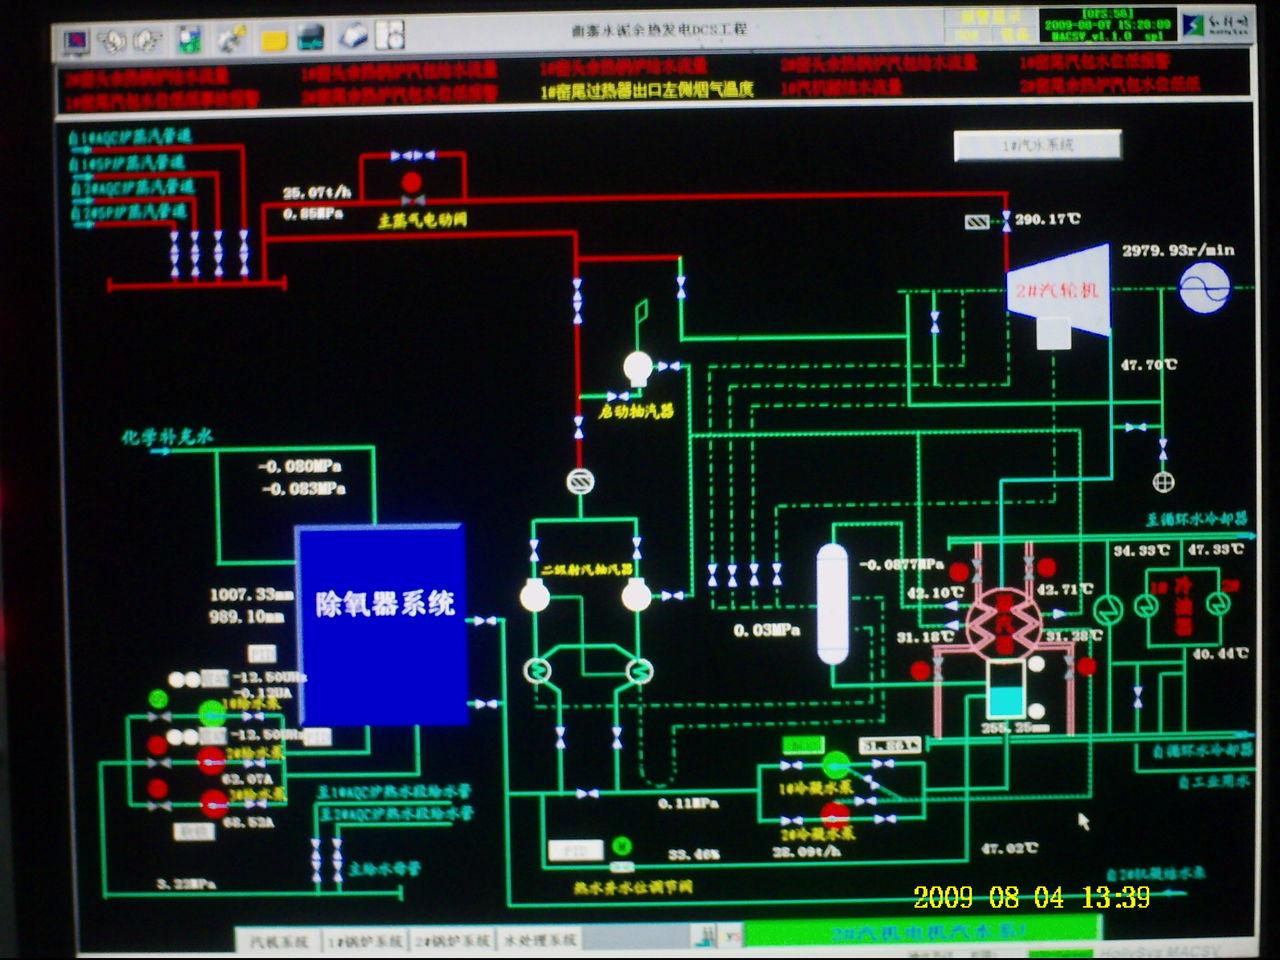 汽轮机组的,还有锅炉组和给水组. 余热发电流程工程示意图 高清图片